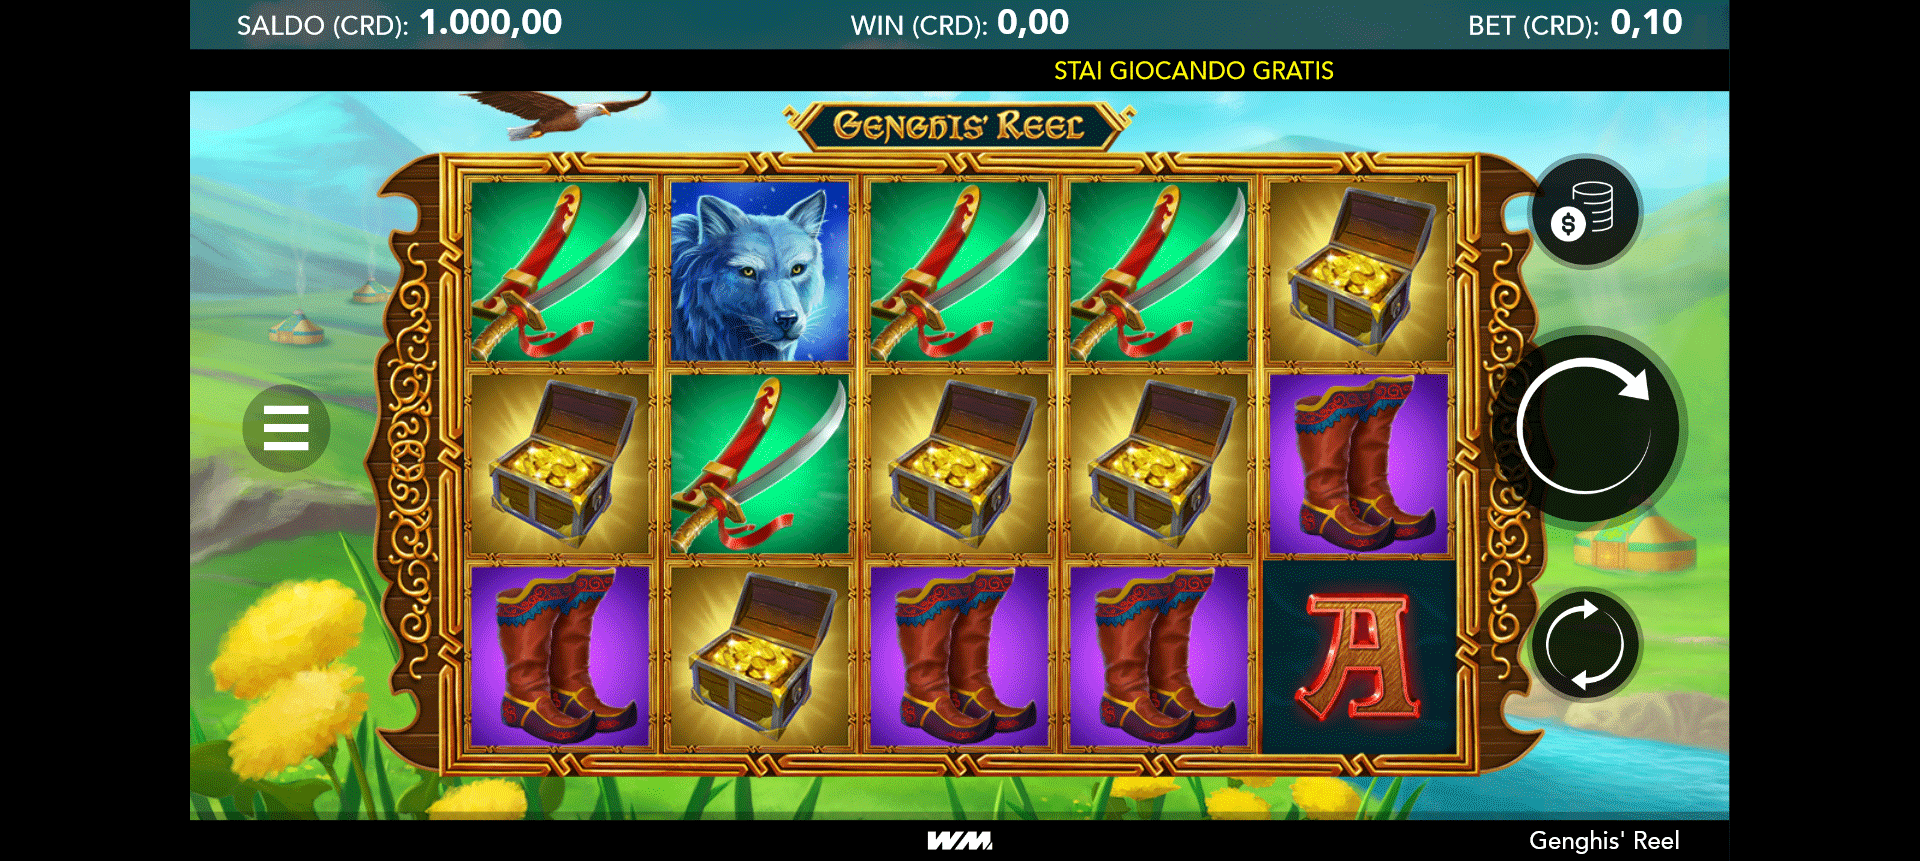 Slot Genghis' Reel